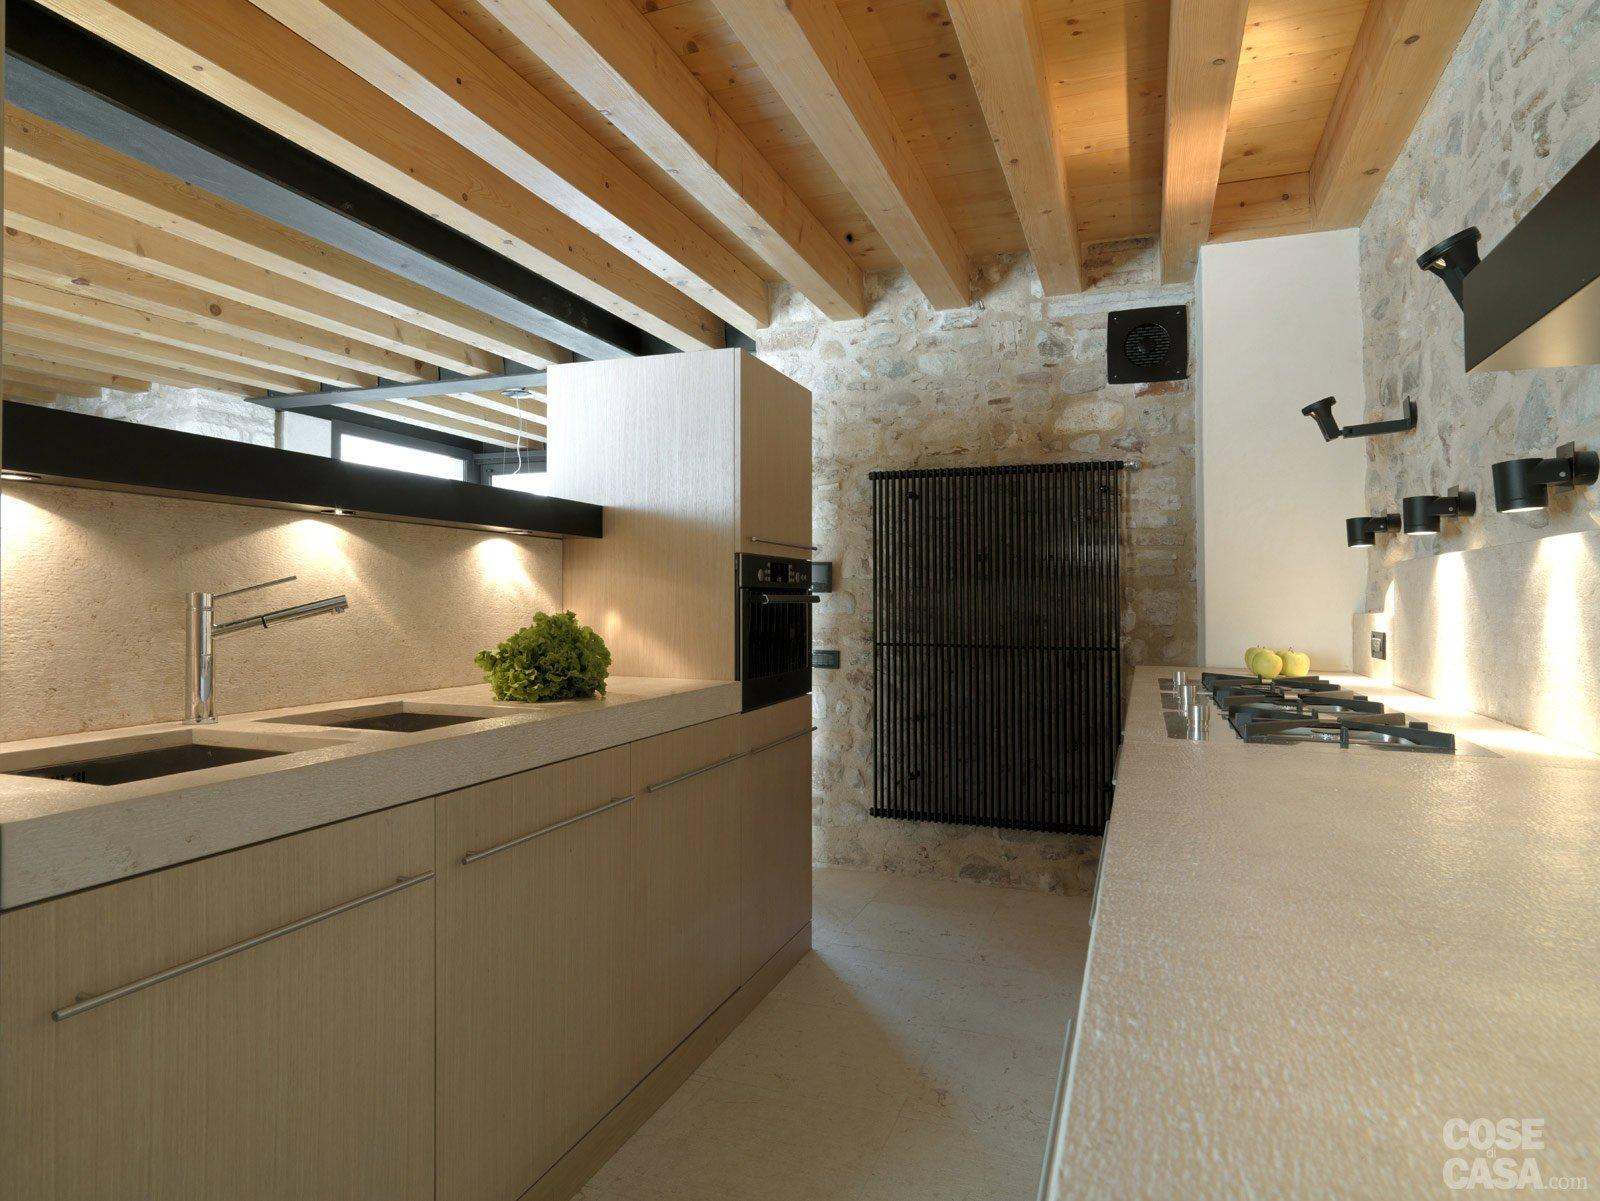 Amato Legno e pietra a vista nella casa restaurata - Cose di Casa XC47